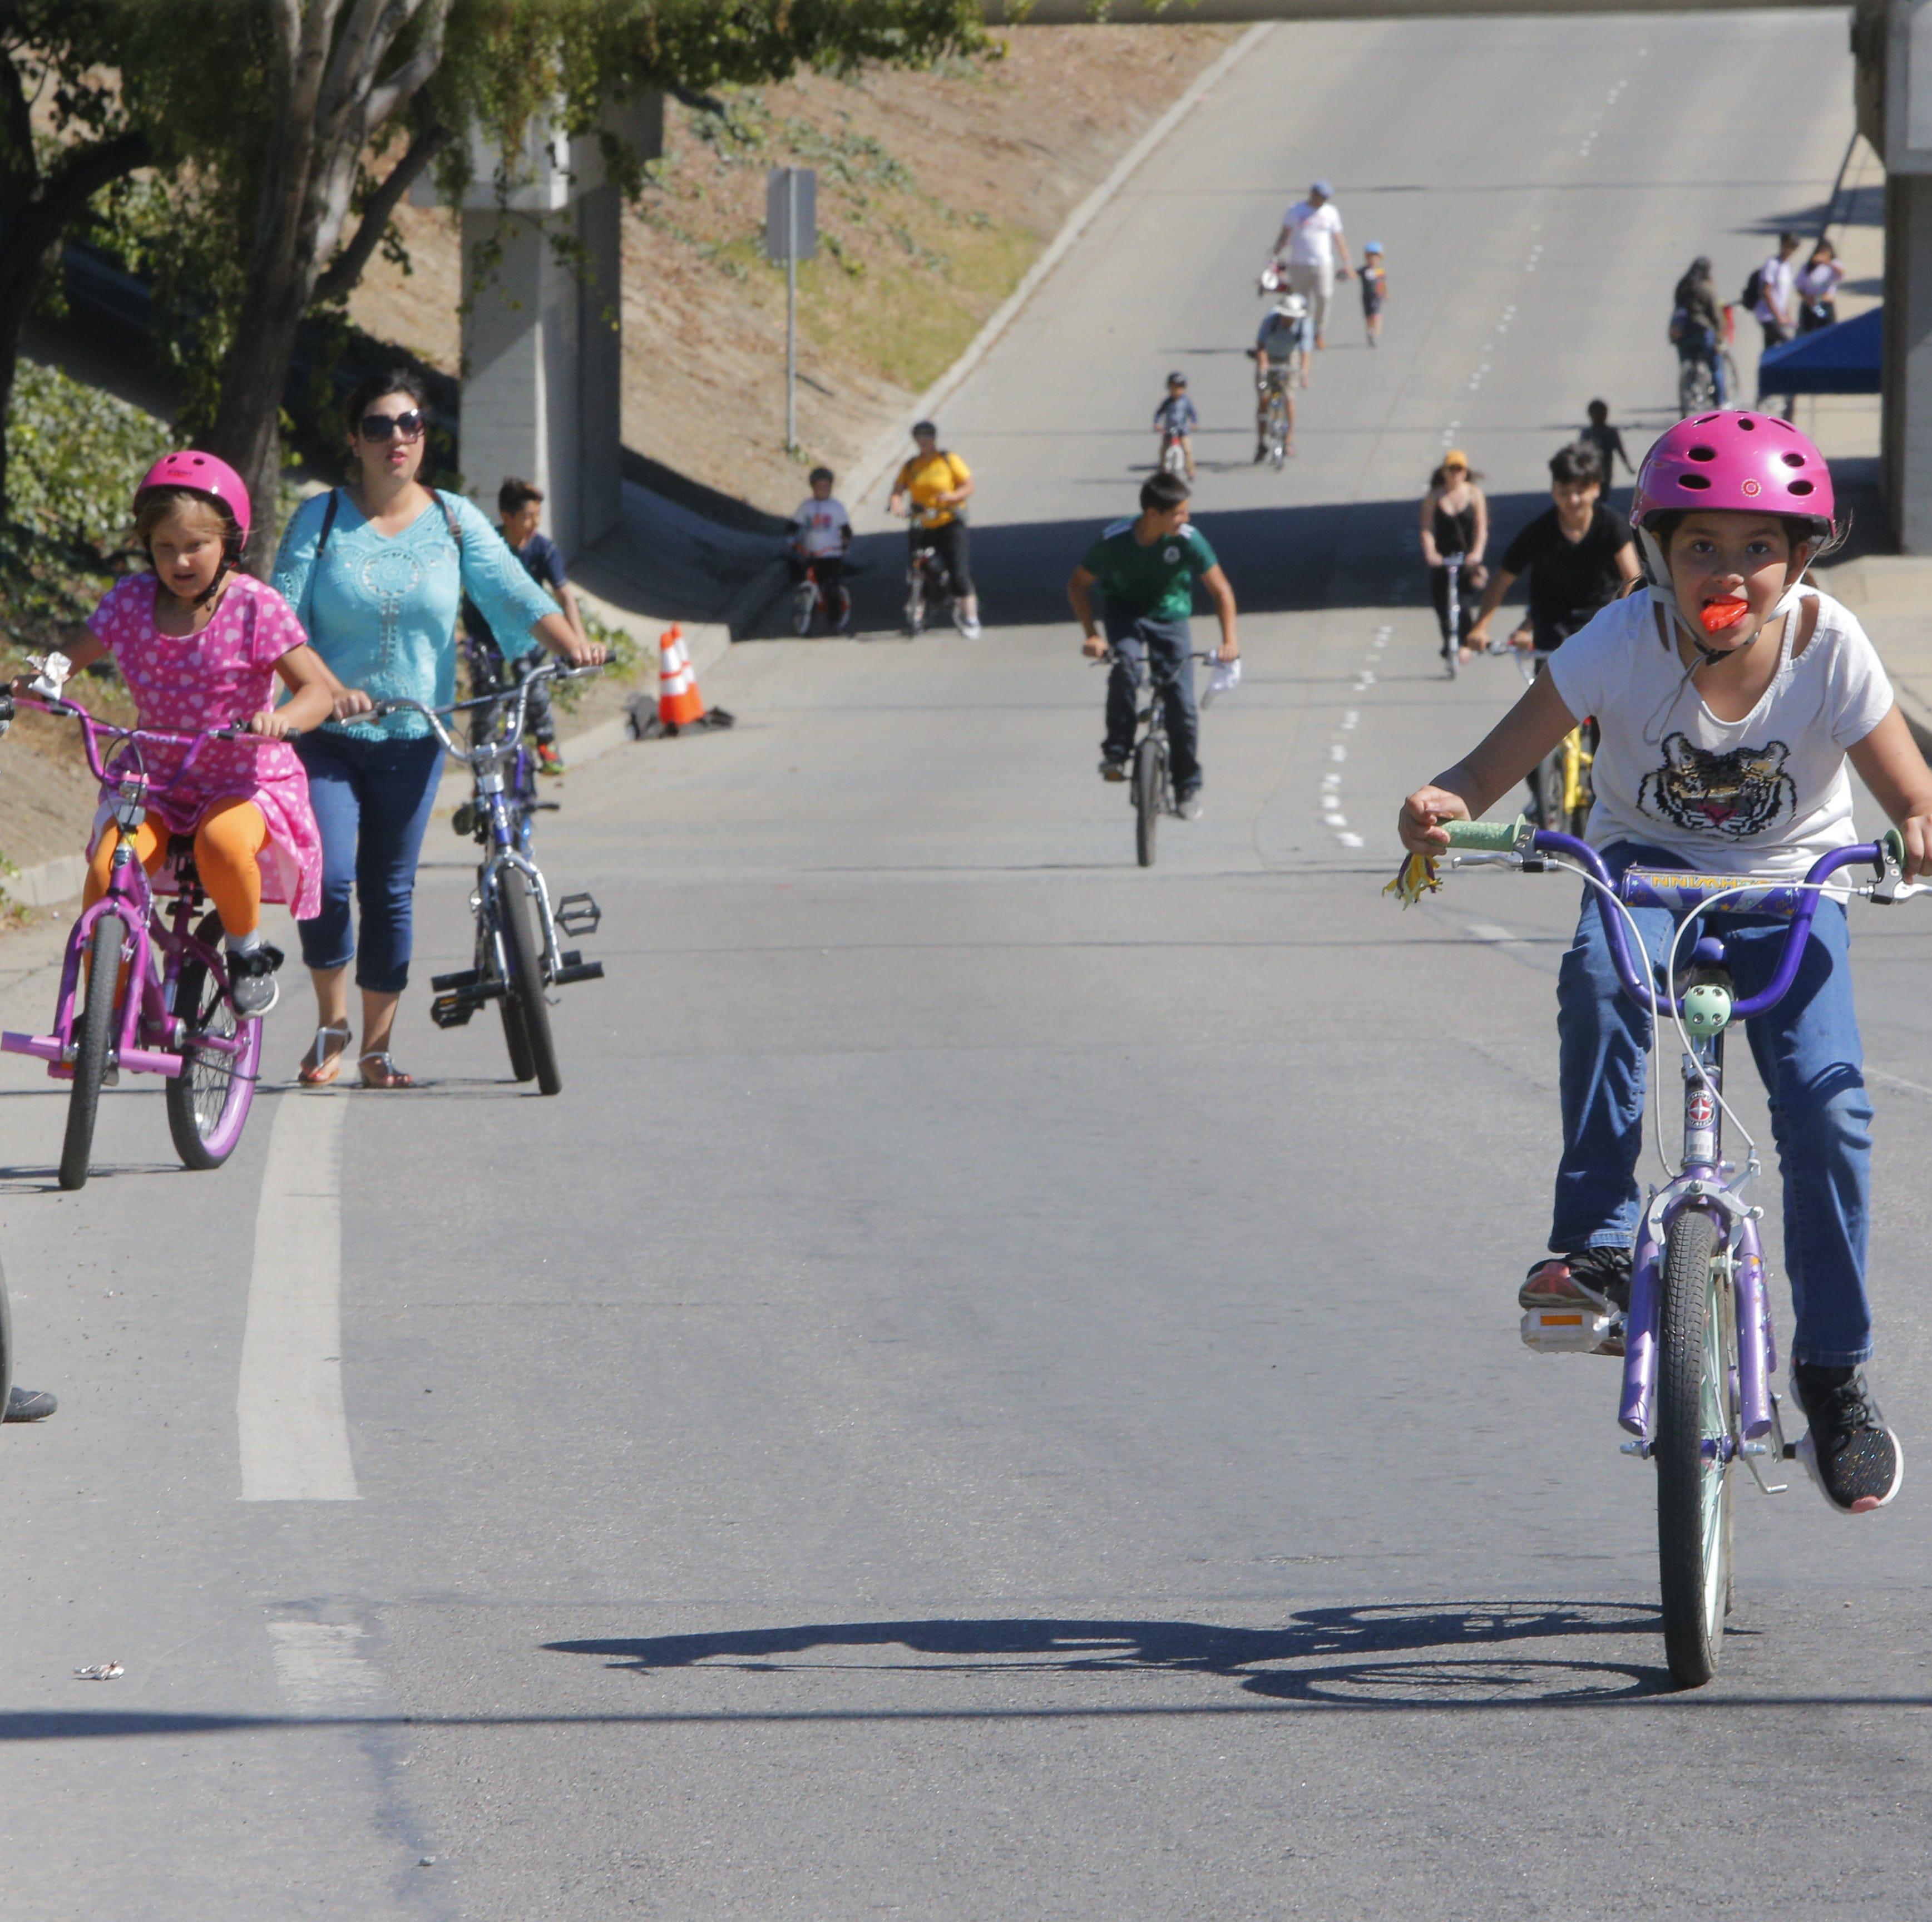 PHOTOS: Plenty of fun to go around at the 2018 Ciclovia Salinas